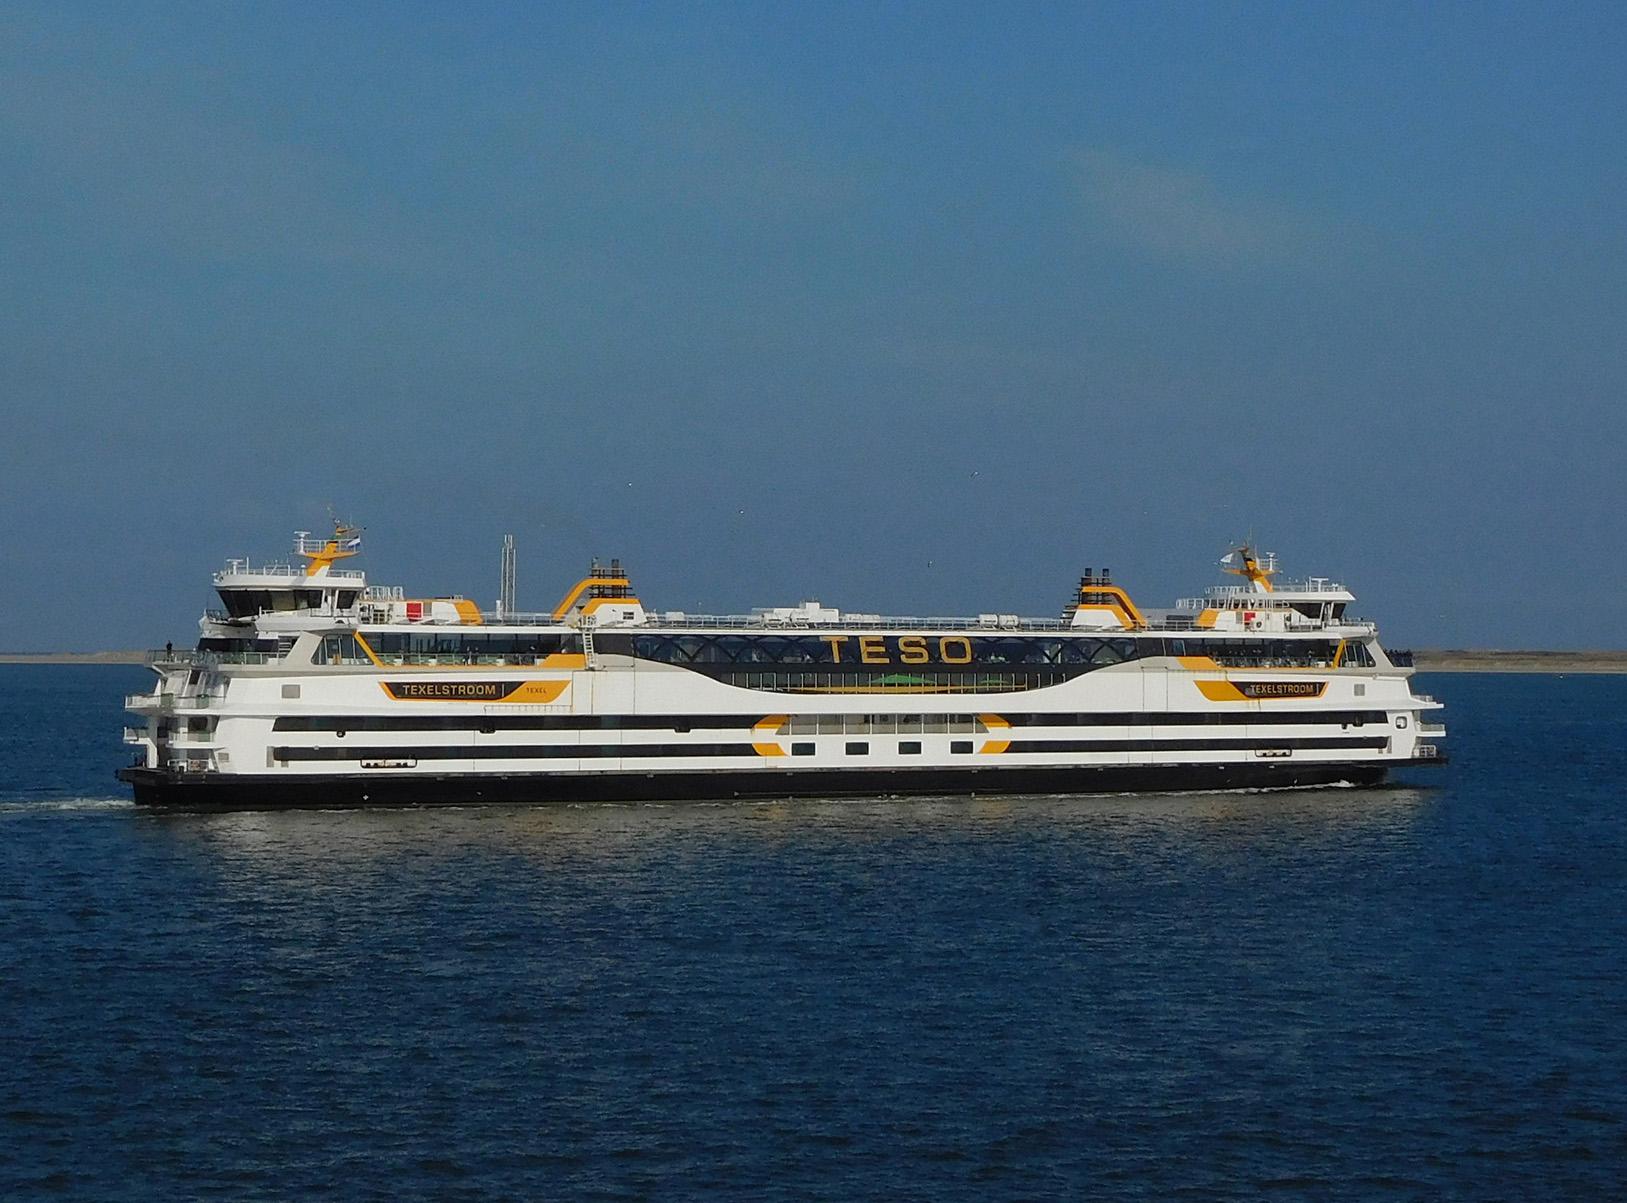 """Met de veerboot """"Texelstroom"""" naar het mooie eiland Texel – Foto: ©Fransien Fraanje"""